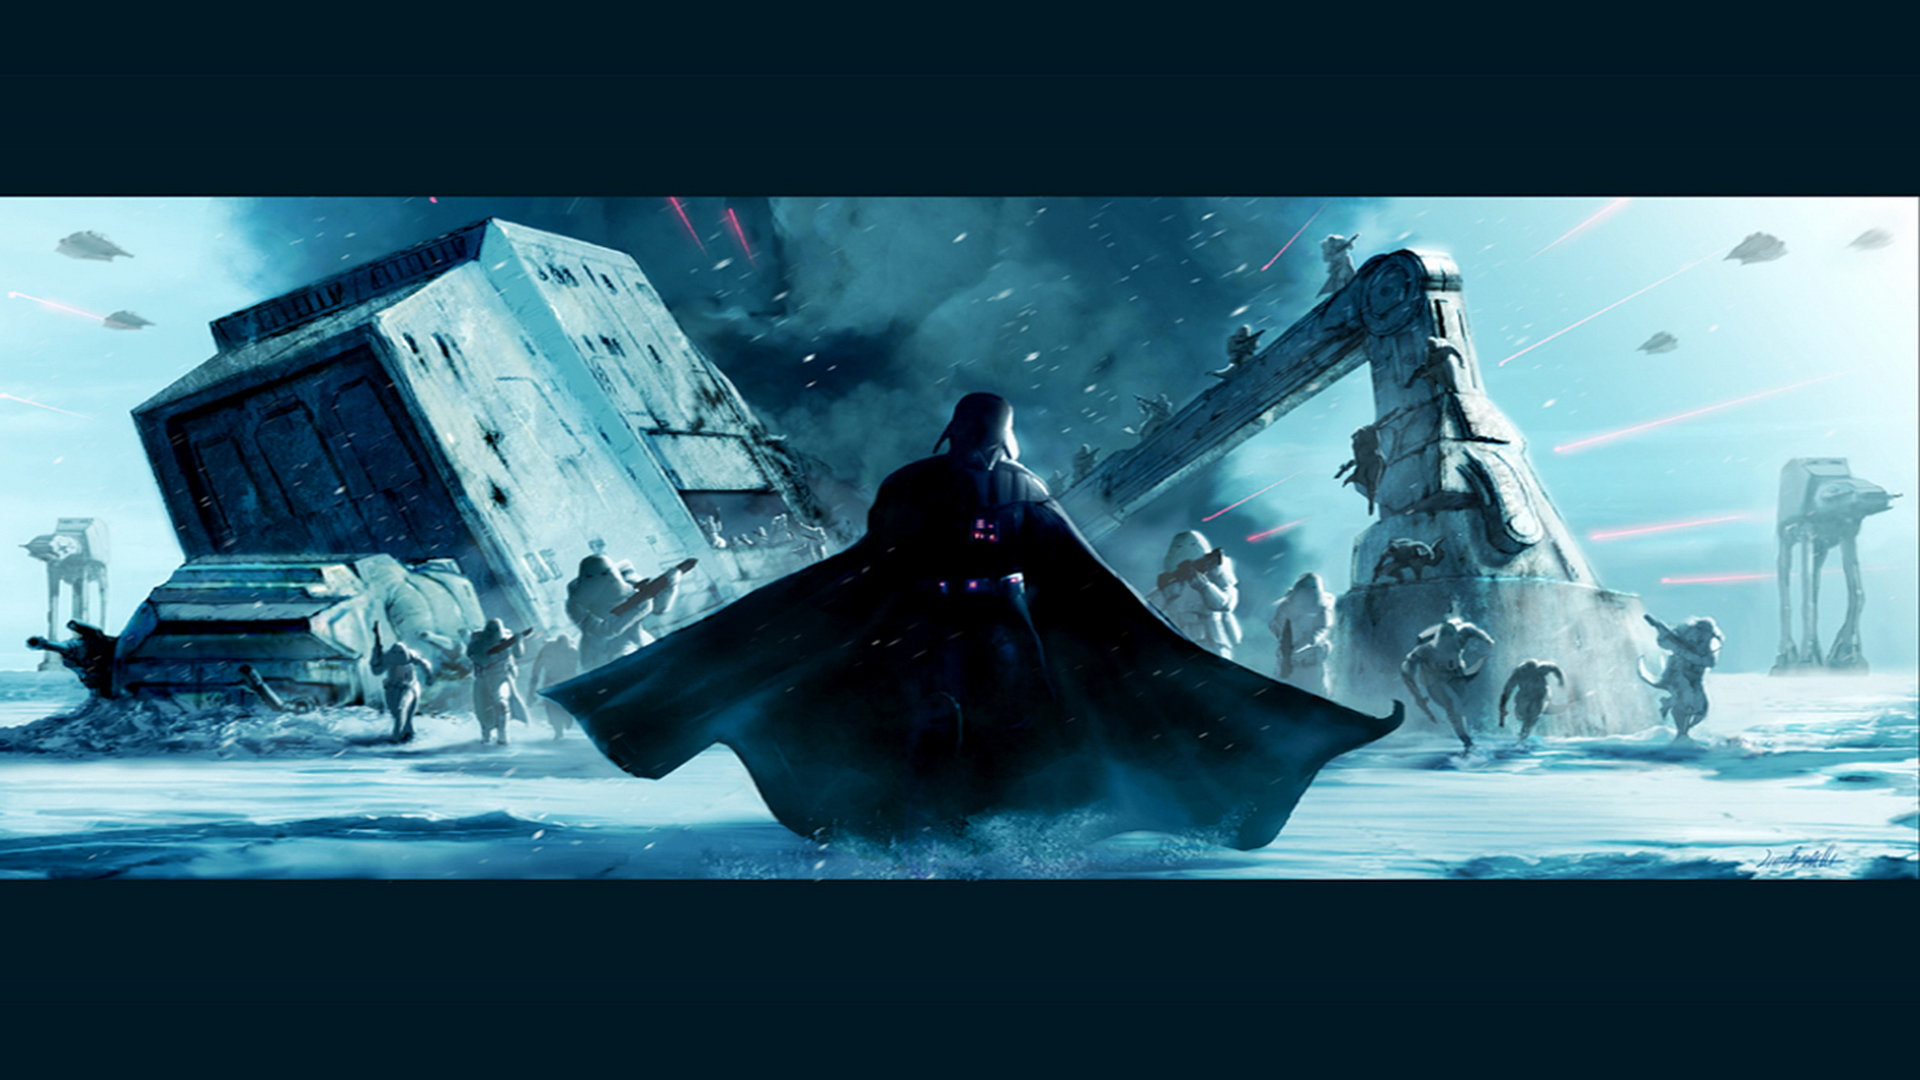 Star Wars Wallpapers Darth Vader Hoth star wars 25114659 1024 768 1920x1080